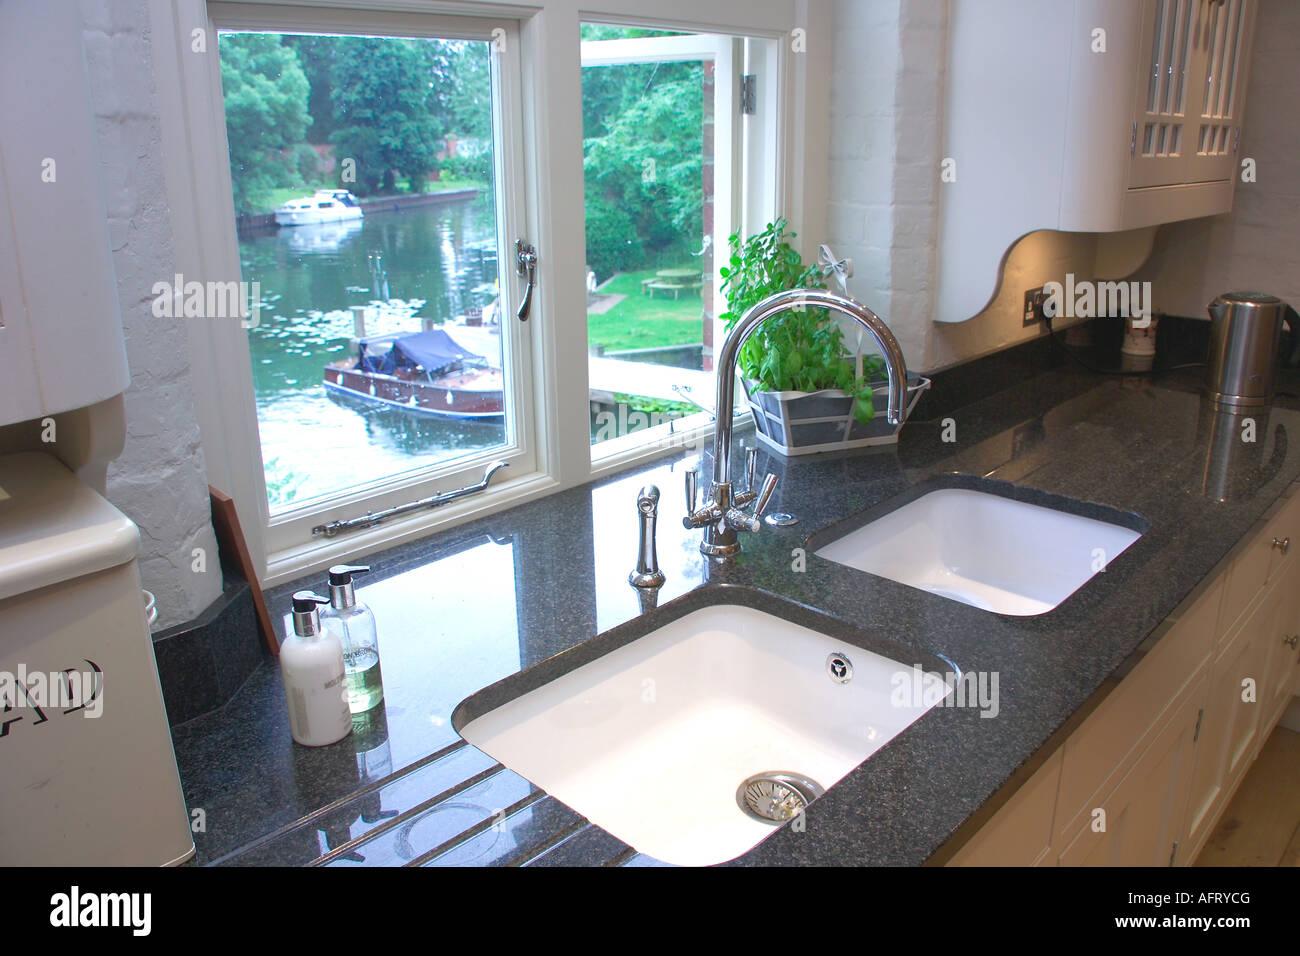 Zwei weiße Waschbecken in Granit Arbeitsplatten vor Küchenfenster ...